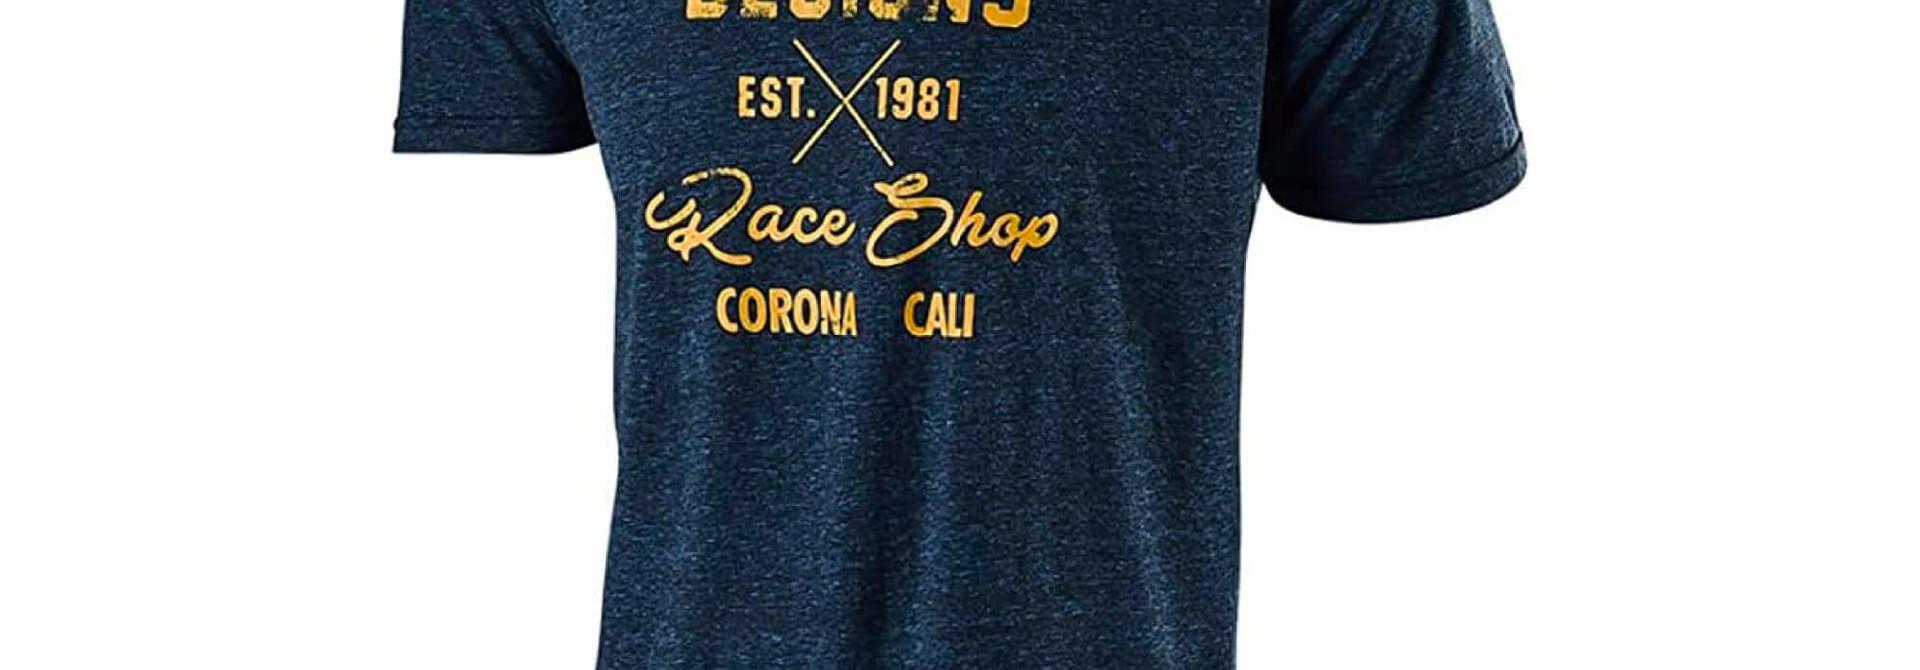 Vintage Raceshop T-Shirt